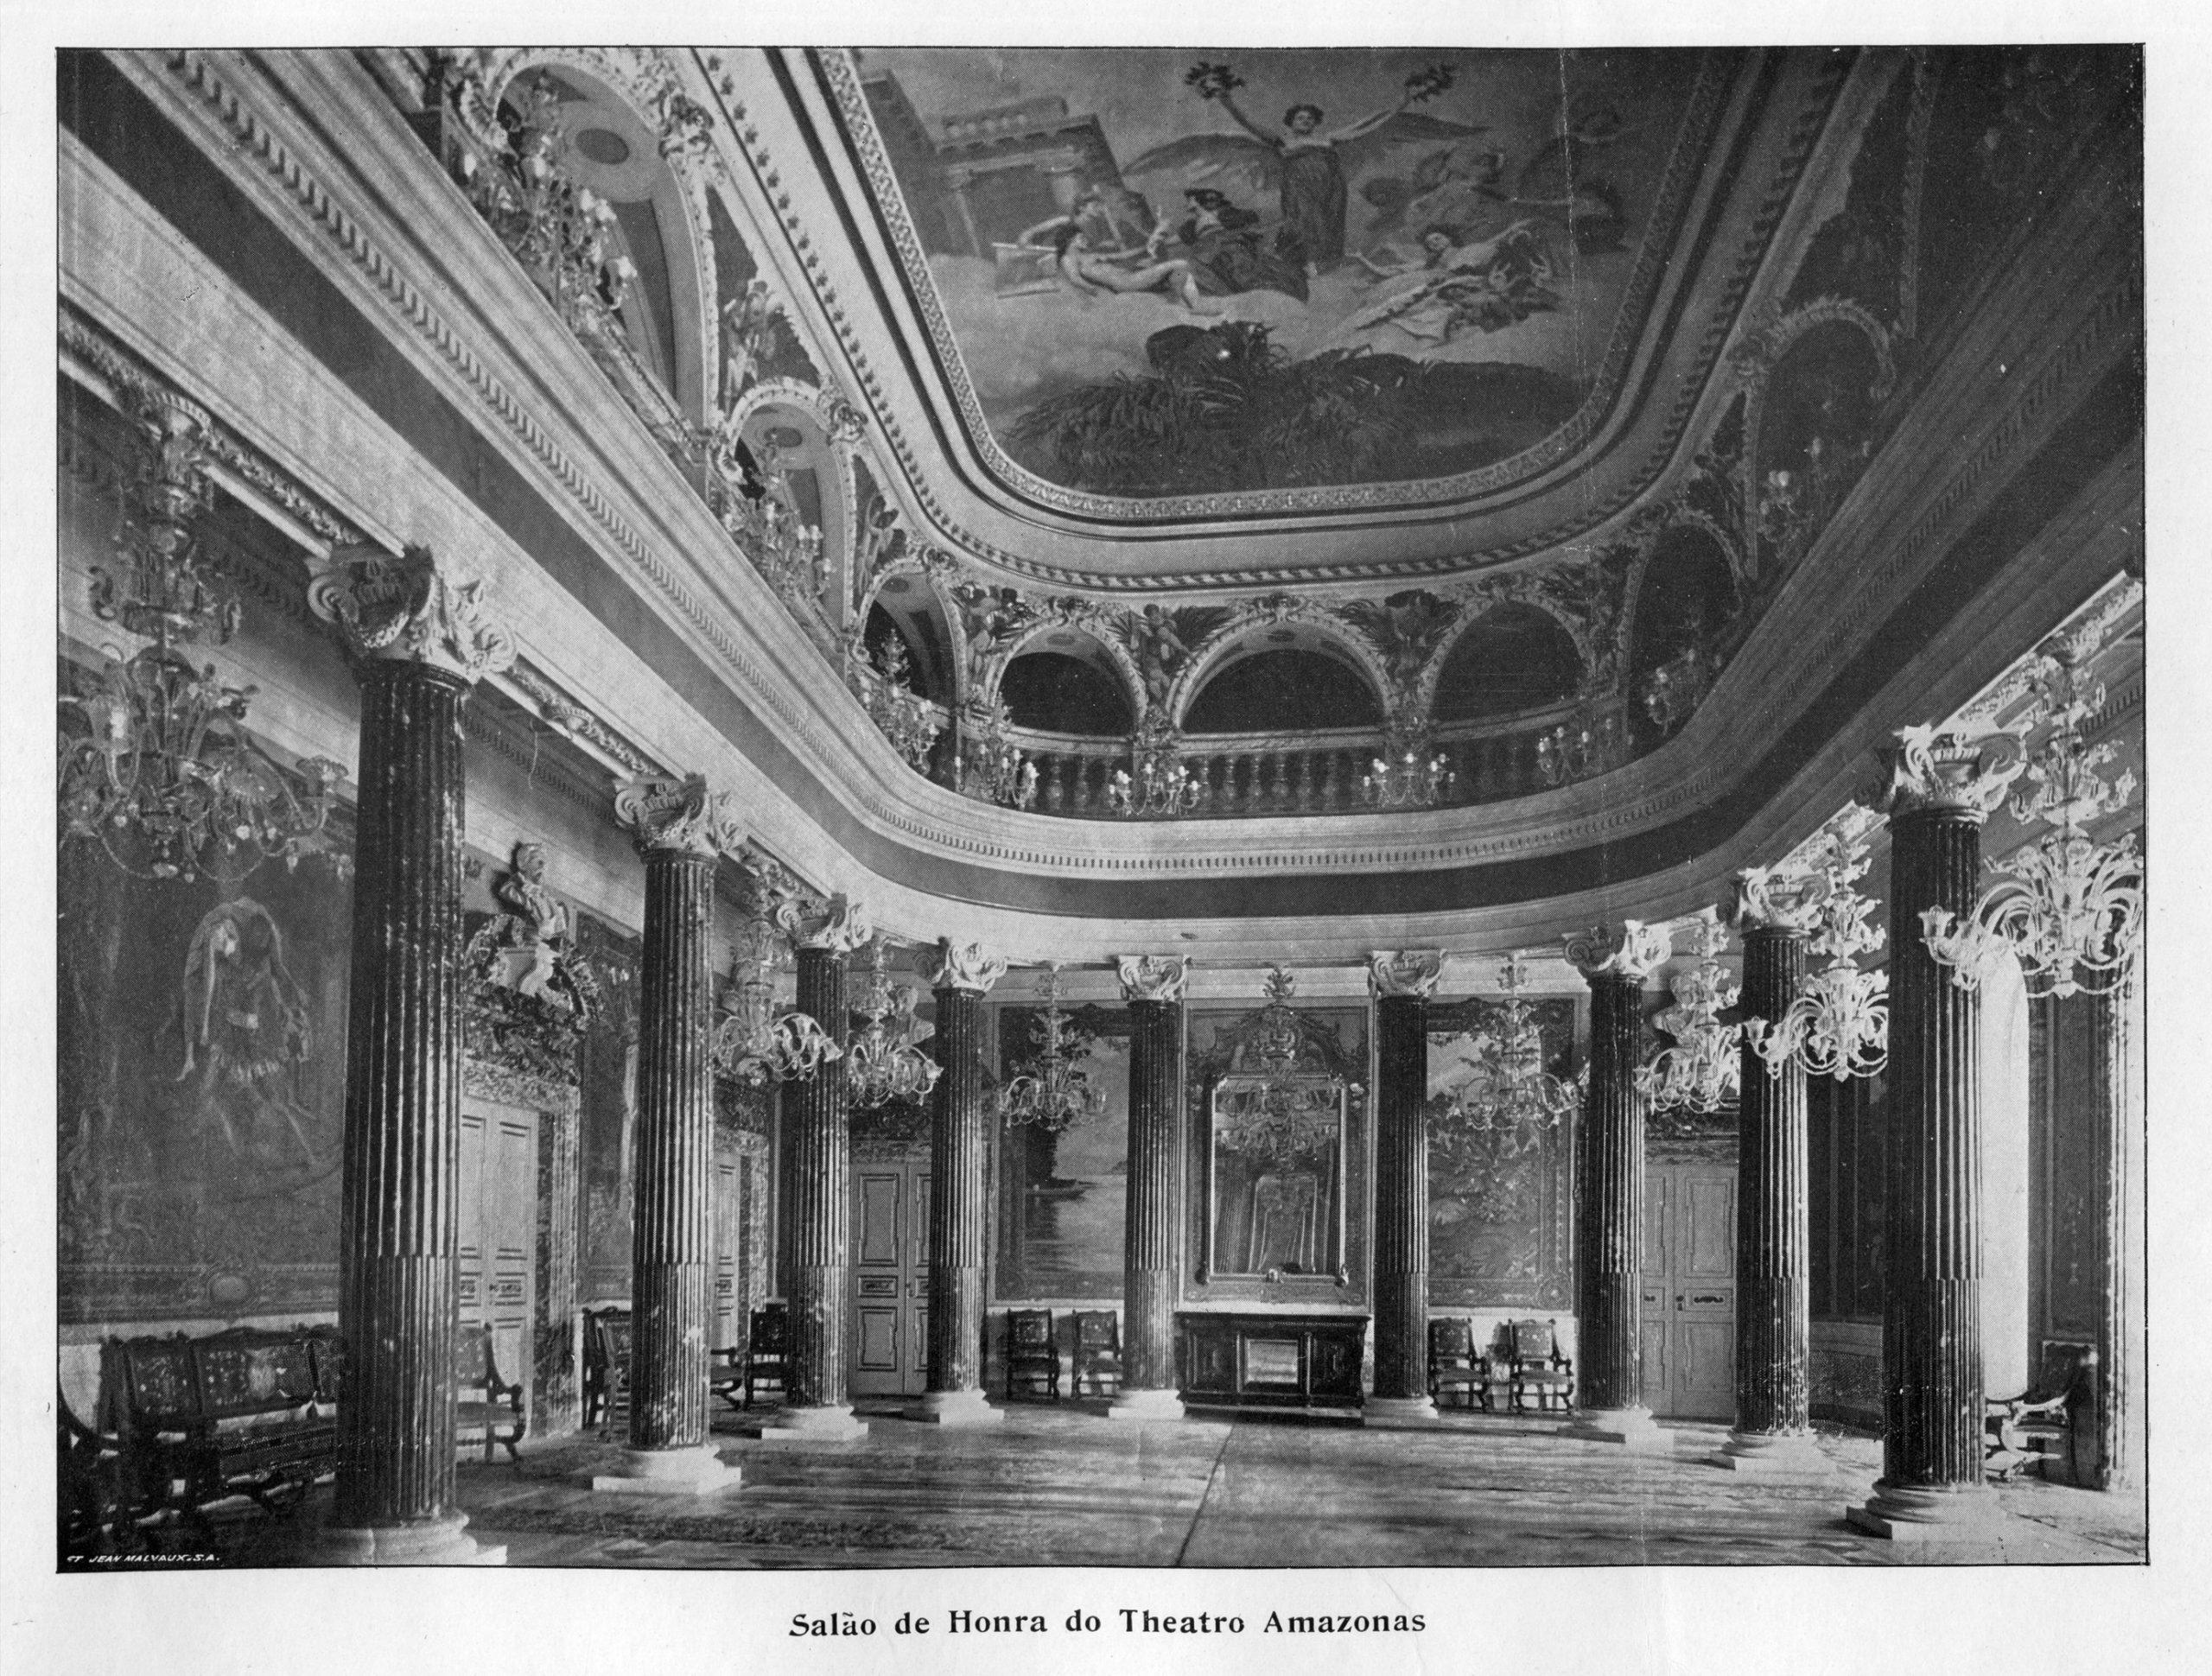 Salão de Honra do Teatro Amazonas